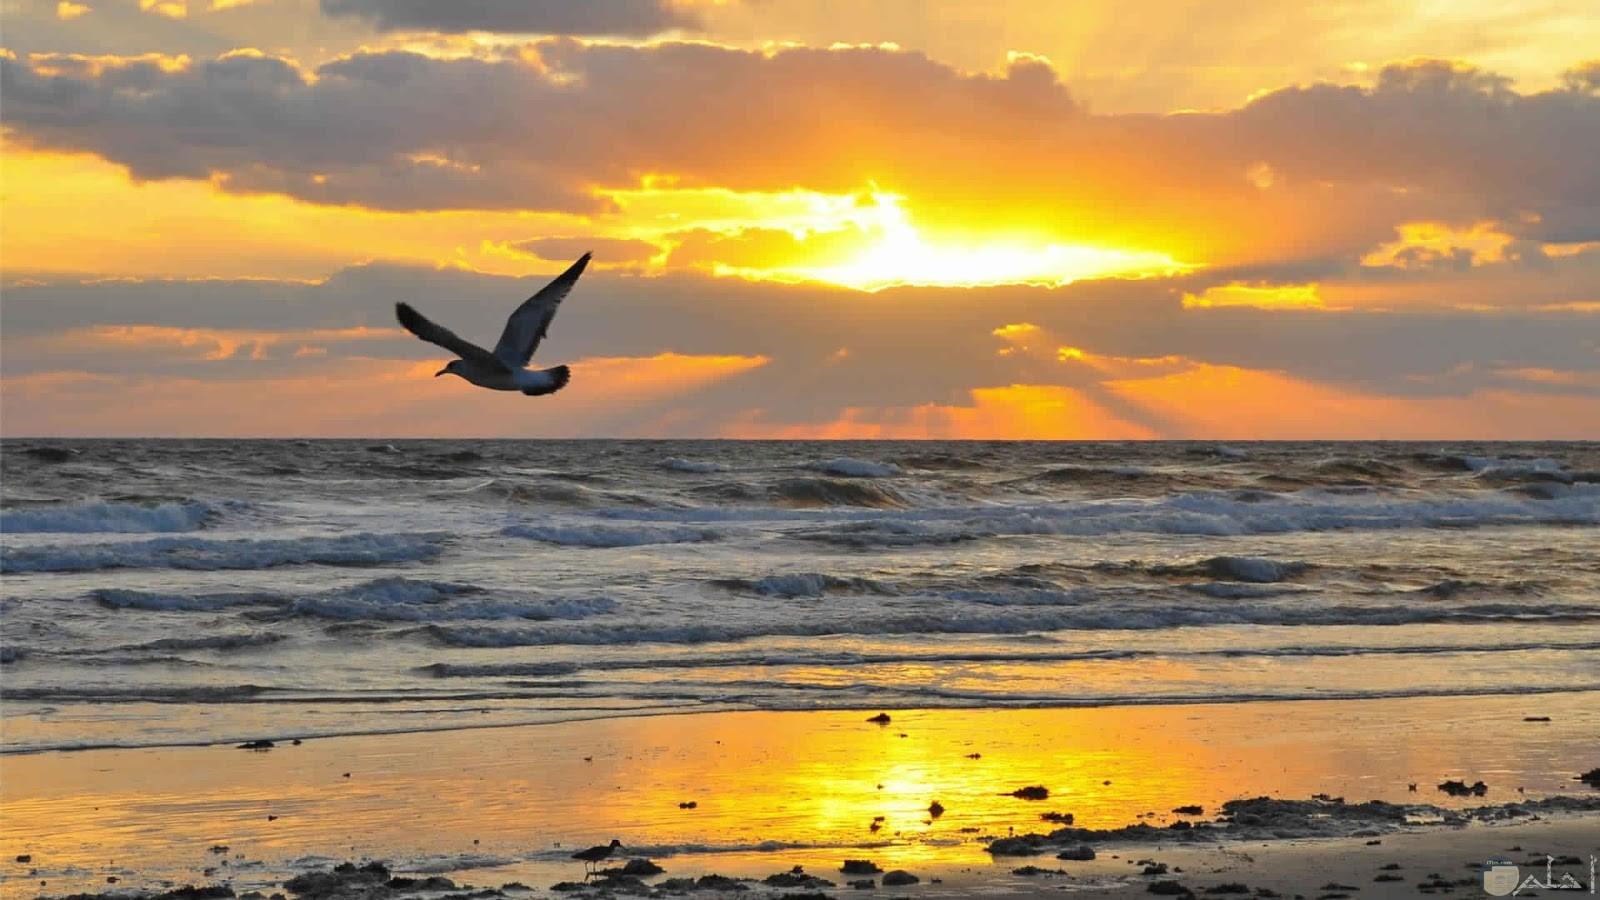 فرحة الطير بشروق الشمس.